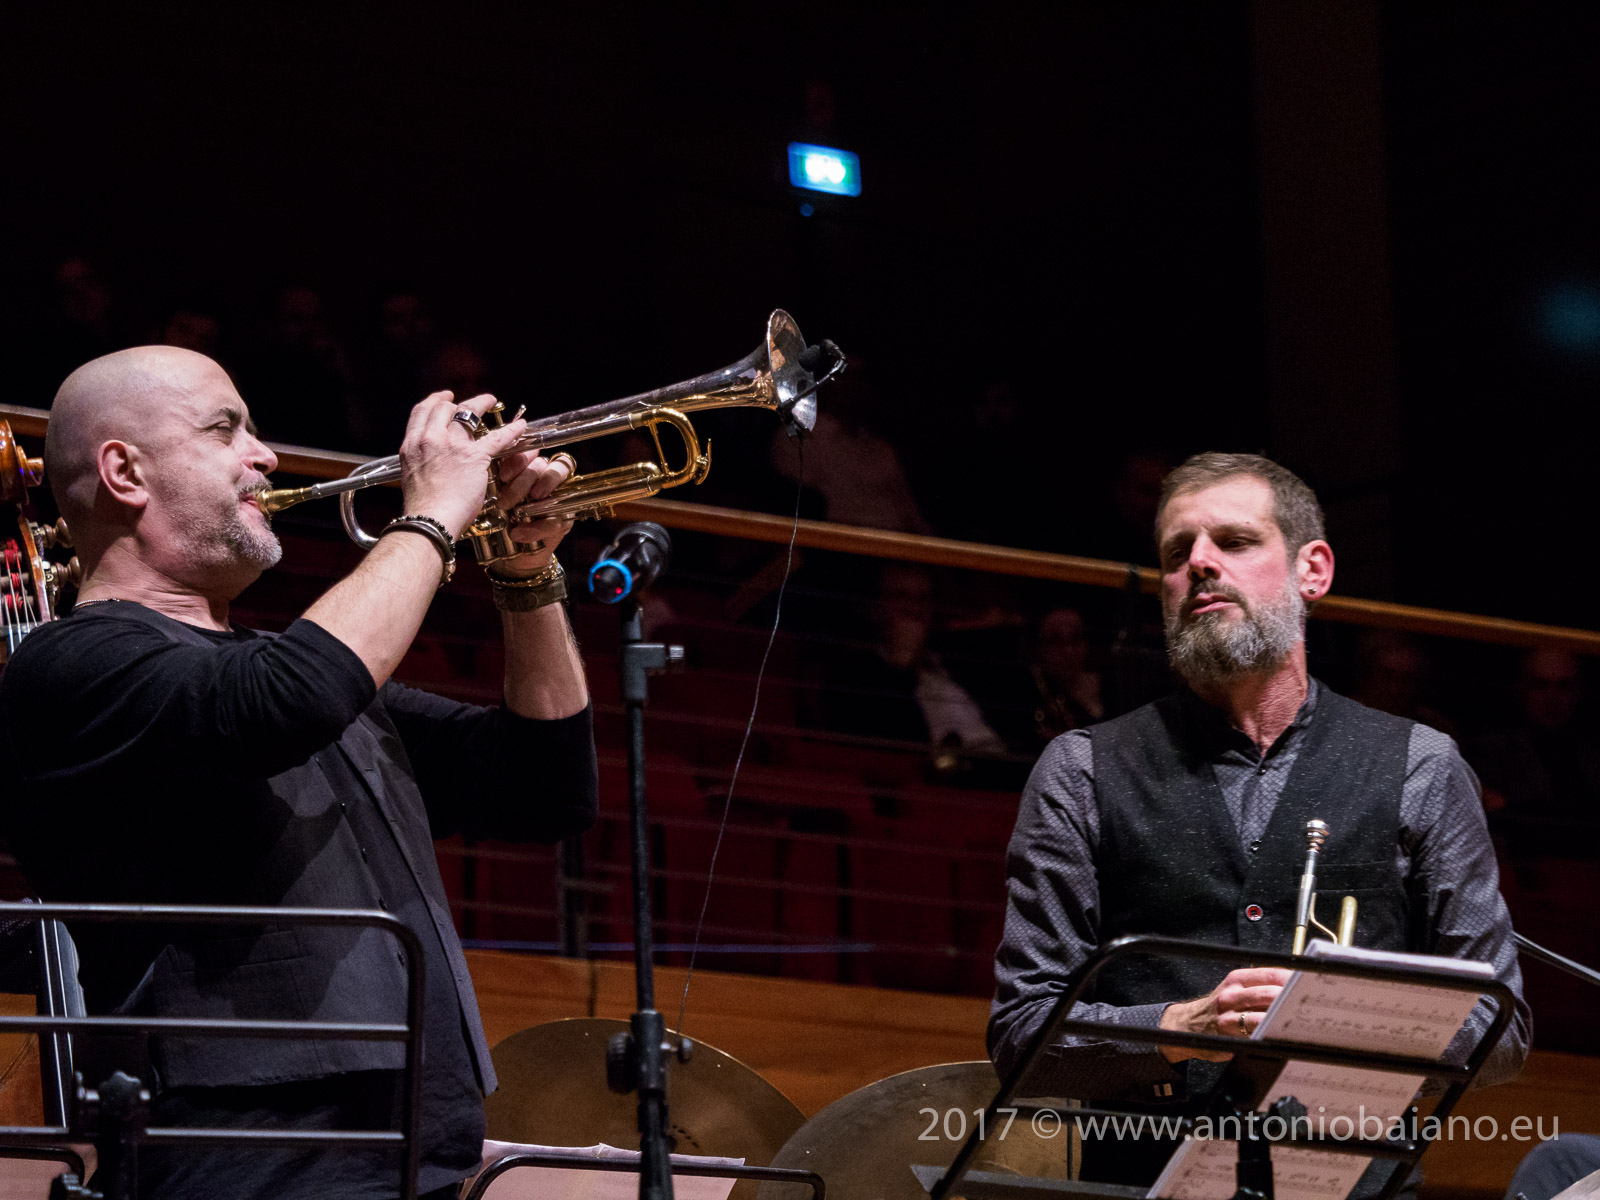 Flavio Boltro and Fabrizio Bosso - Dizzy Gillespie Centenary - Moncalieri Jazz Festival